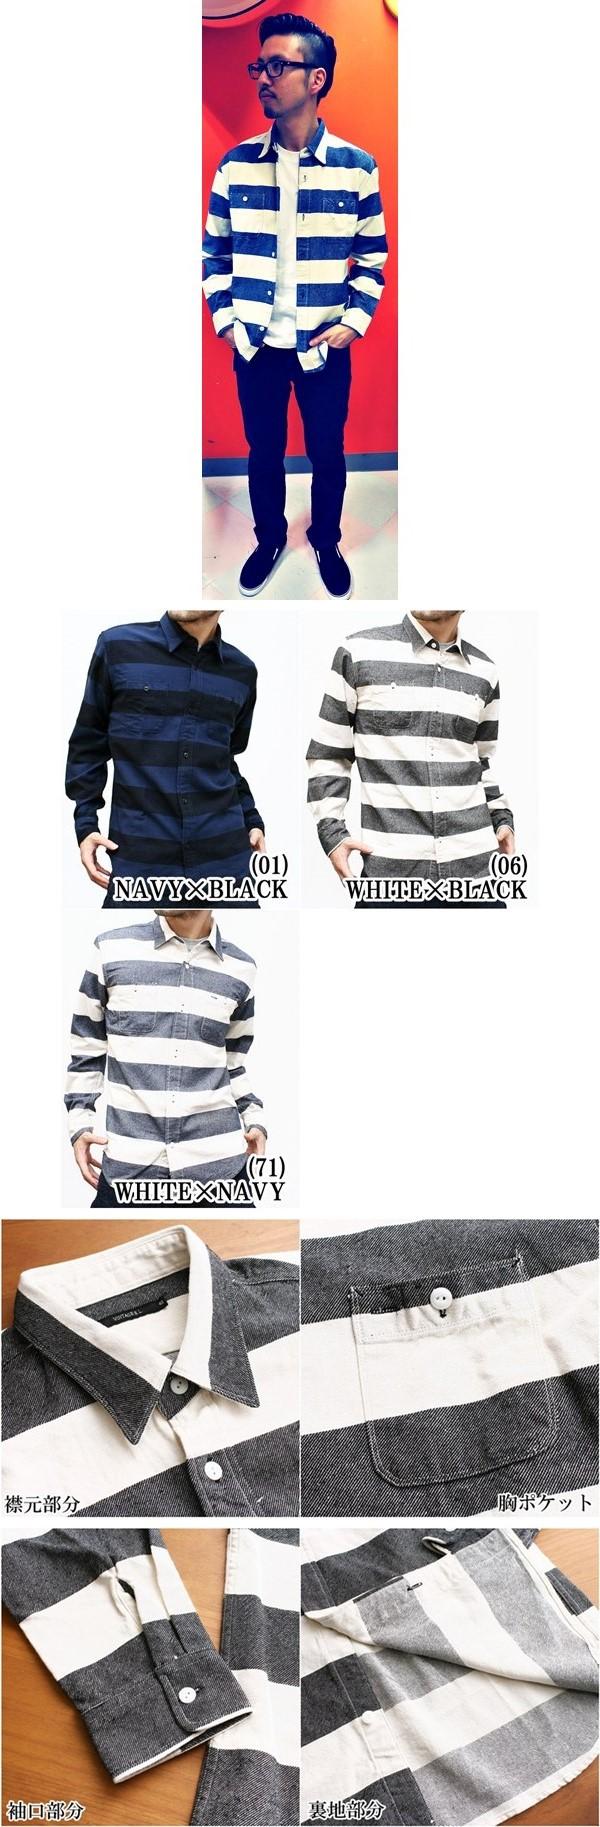 2015-10-11 チックシャツ ヴィンテージイーエル 006 ブログ用-vert プリズンボーダー